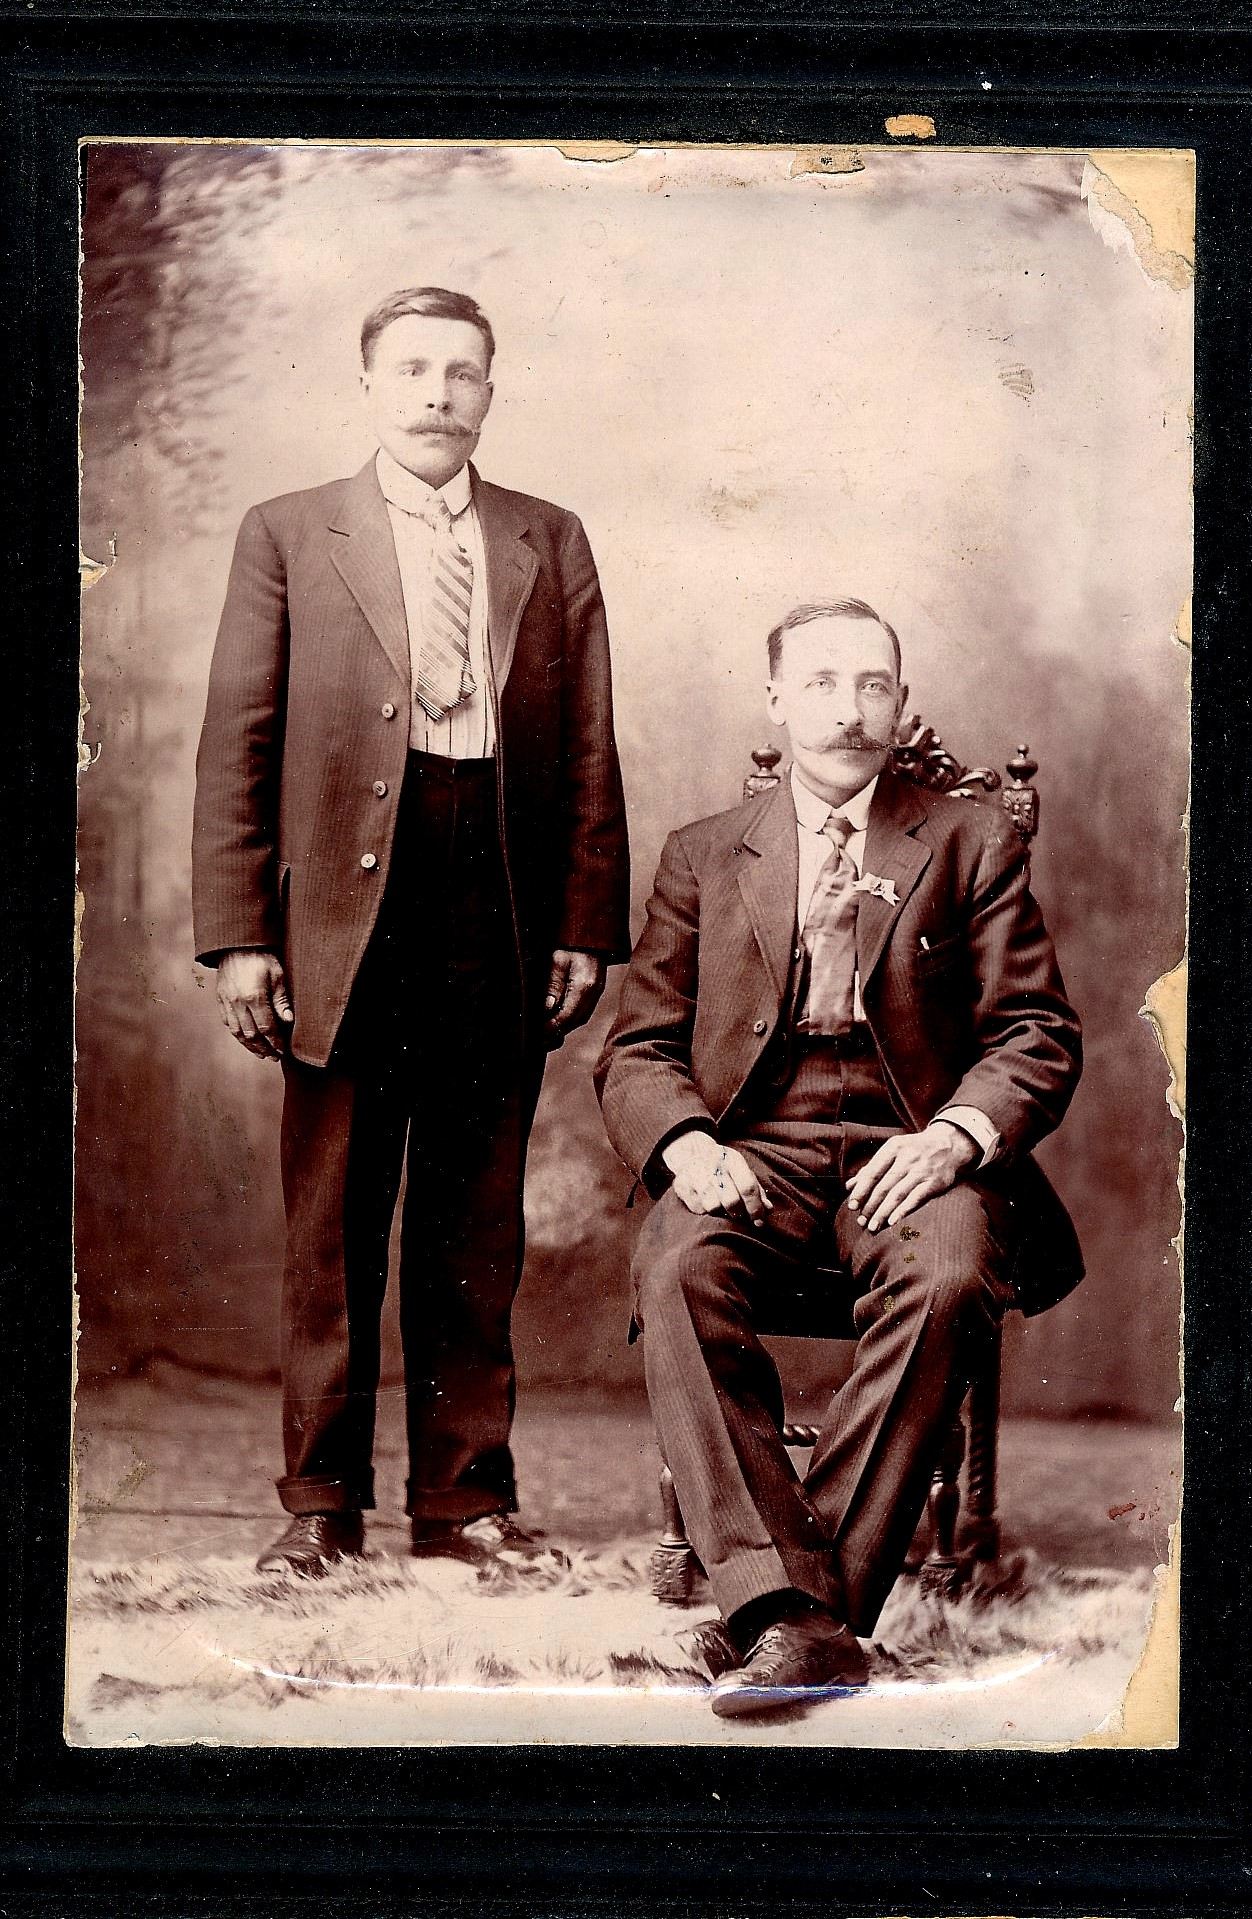 På fotot från Amerika, som Bo-Göran Lindh har lånat står Erik Anders Broberg (1878-1954) och Erland Lindqvist, född Korsbäck (1876-1947) sitter till höger.